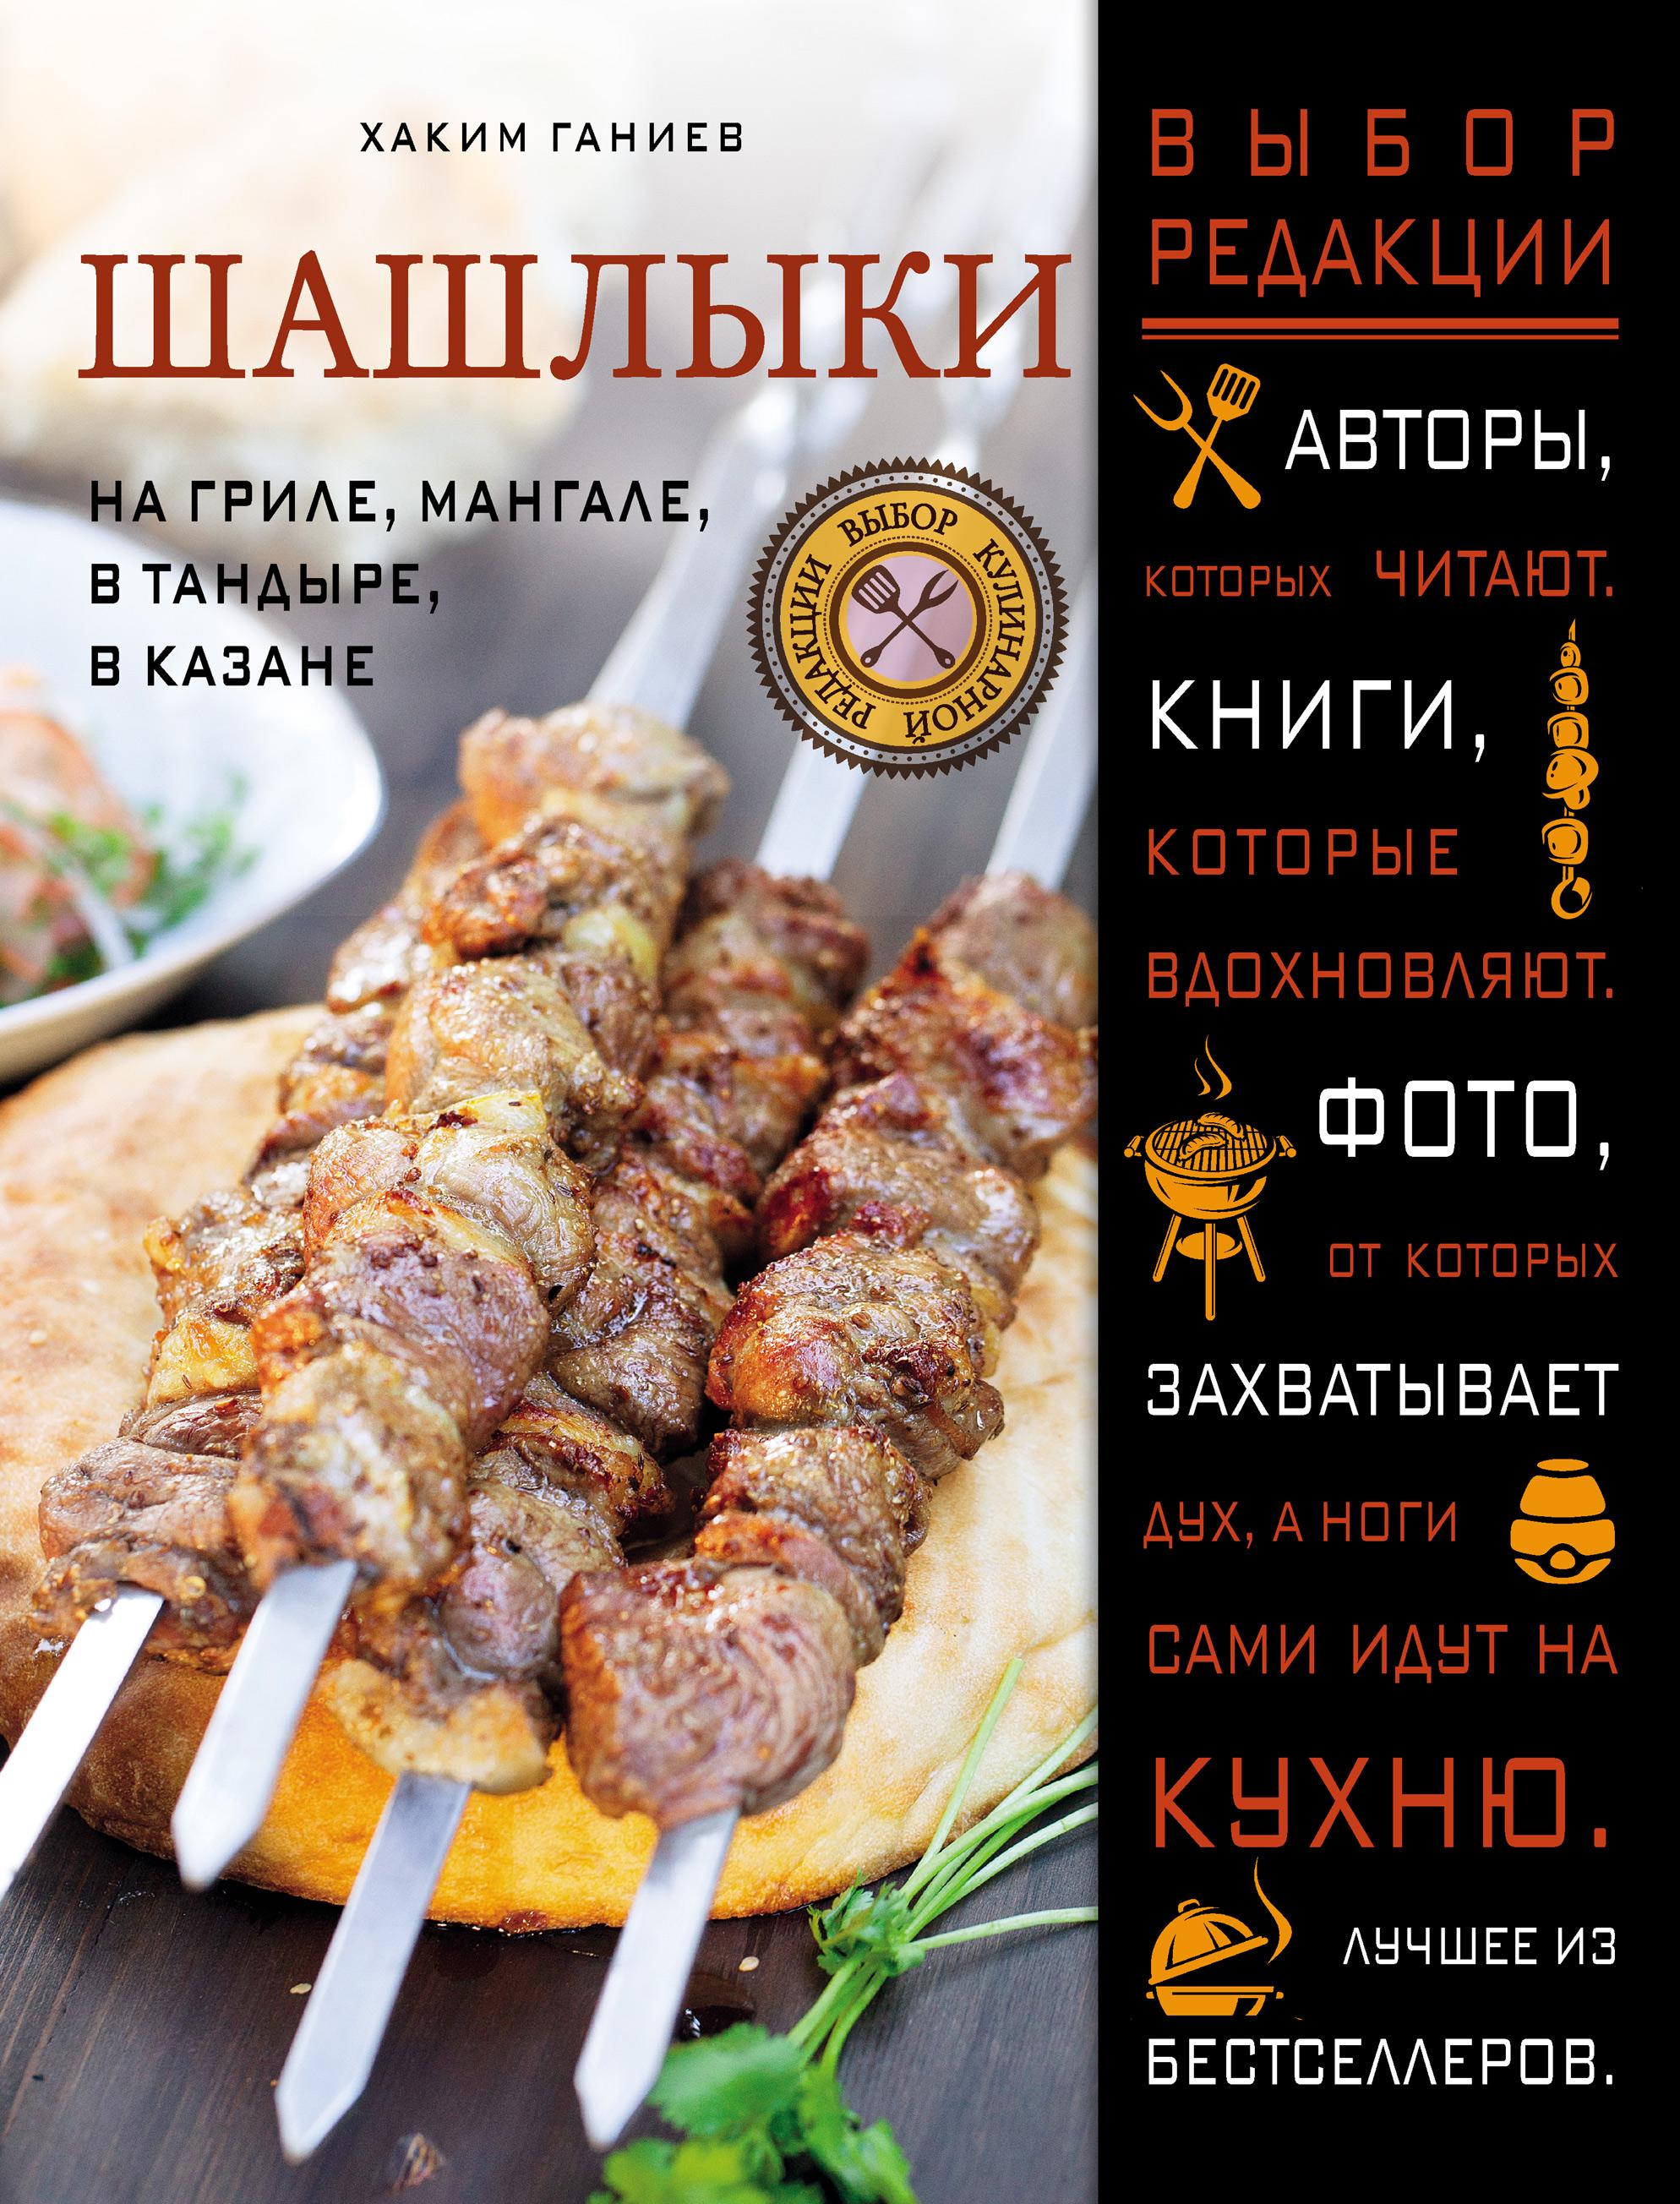 Хаким Ганиев Шашлыки. На гриле, мангале, в тандыре, в казане ганиев х энциклопедия узбекской кухни